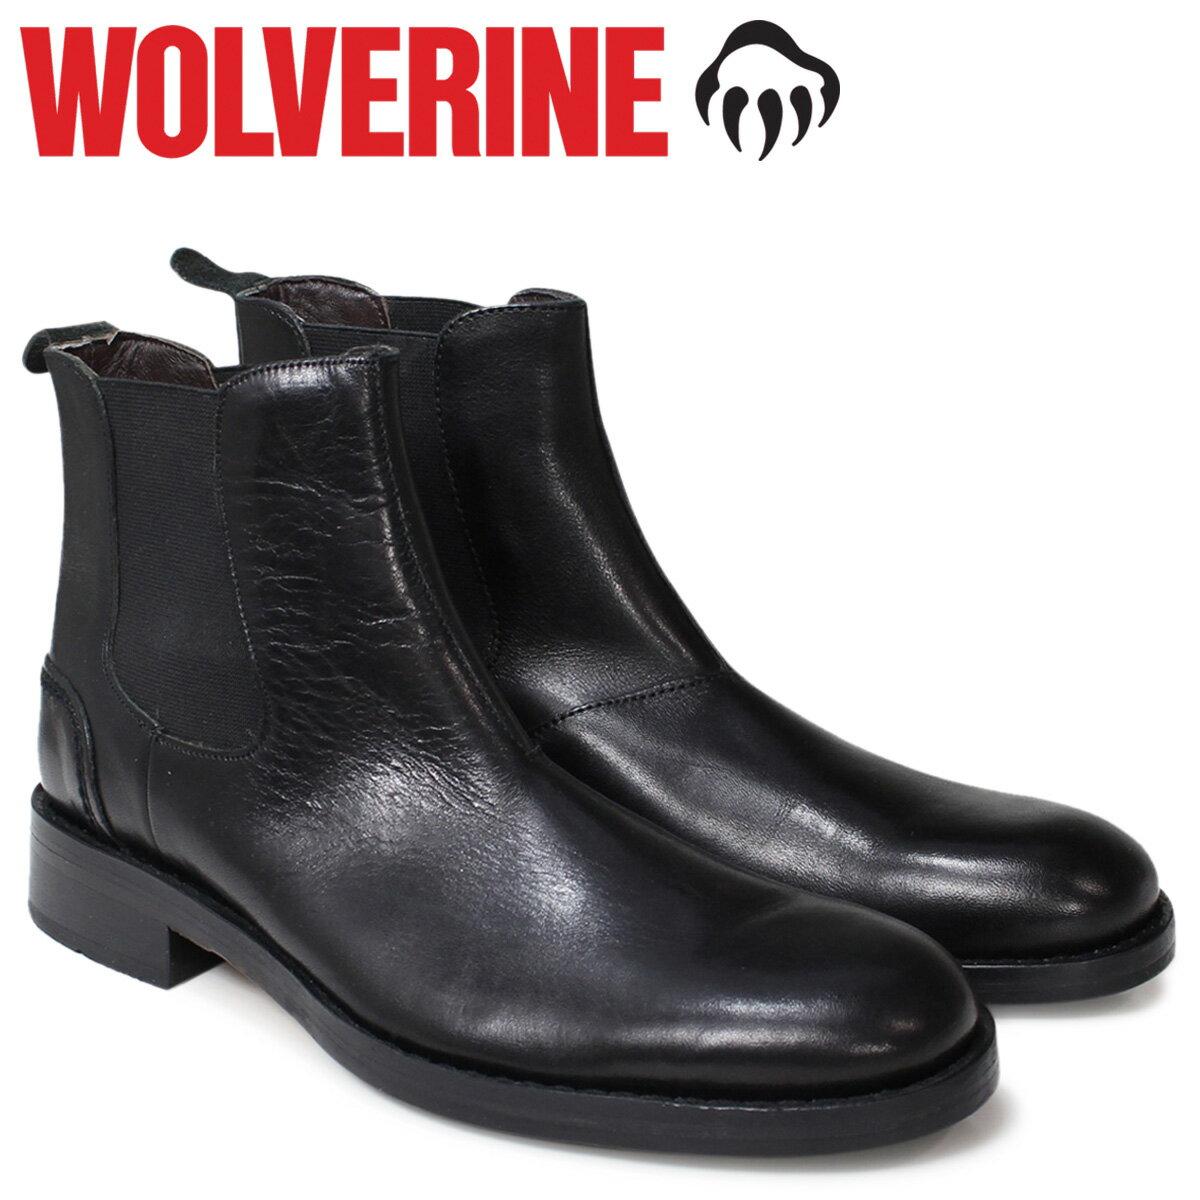 ウルヴァリン 1000マイル ブーツ WOLVERINE ブーツ 1000MILE チェルシーブーツ メンズ MONTAGUE Dワイズ W00502 ブラック